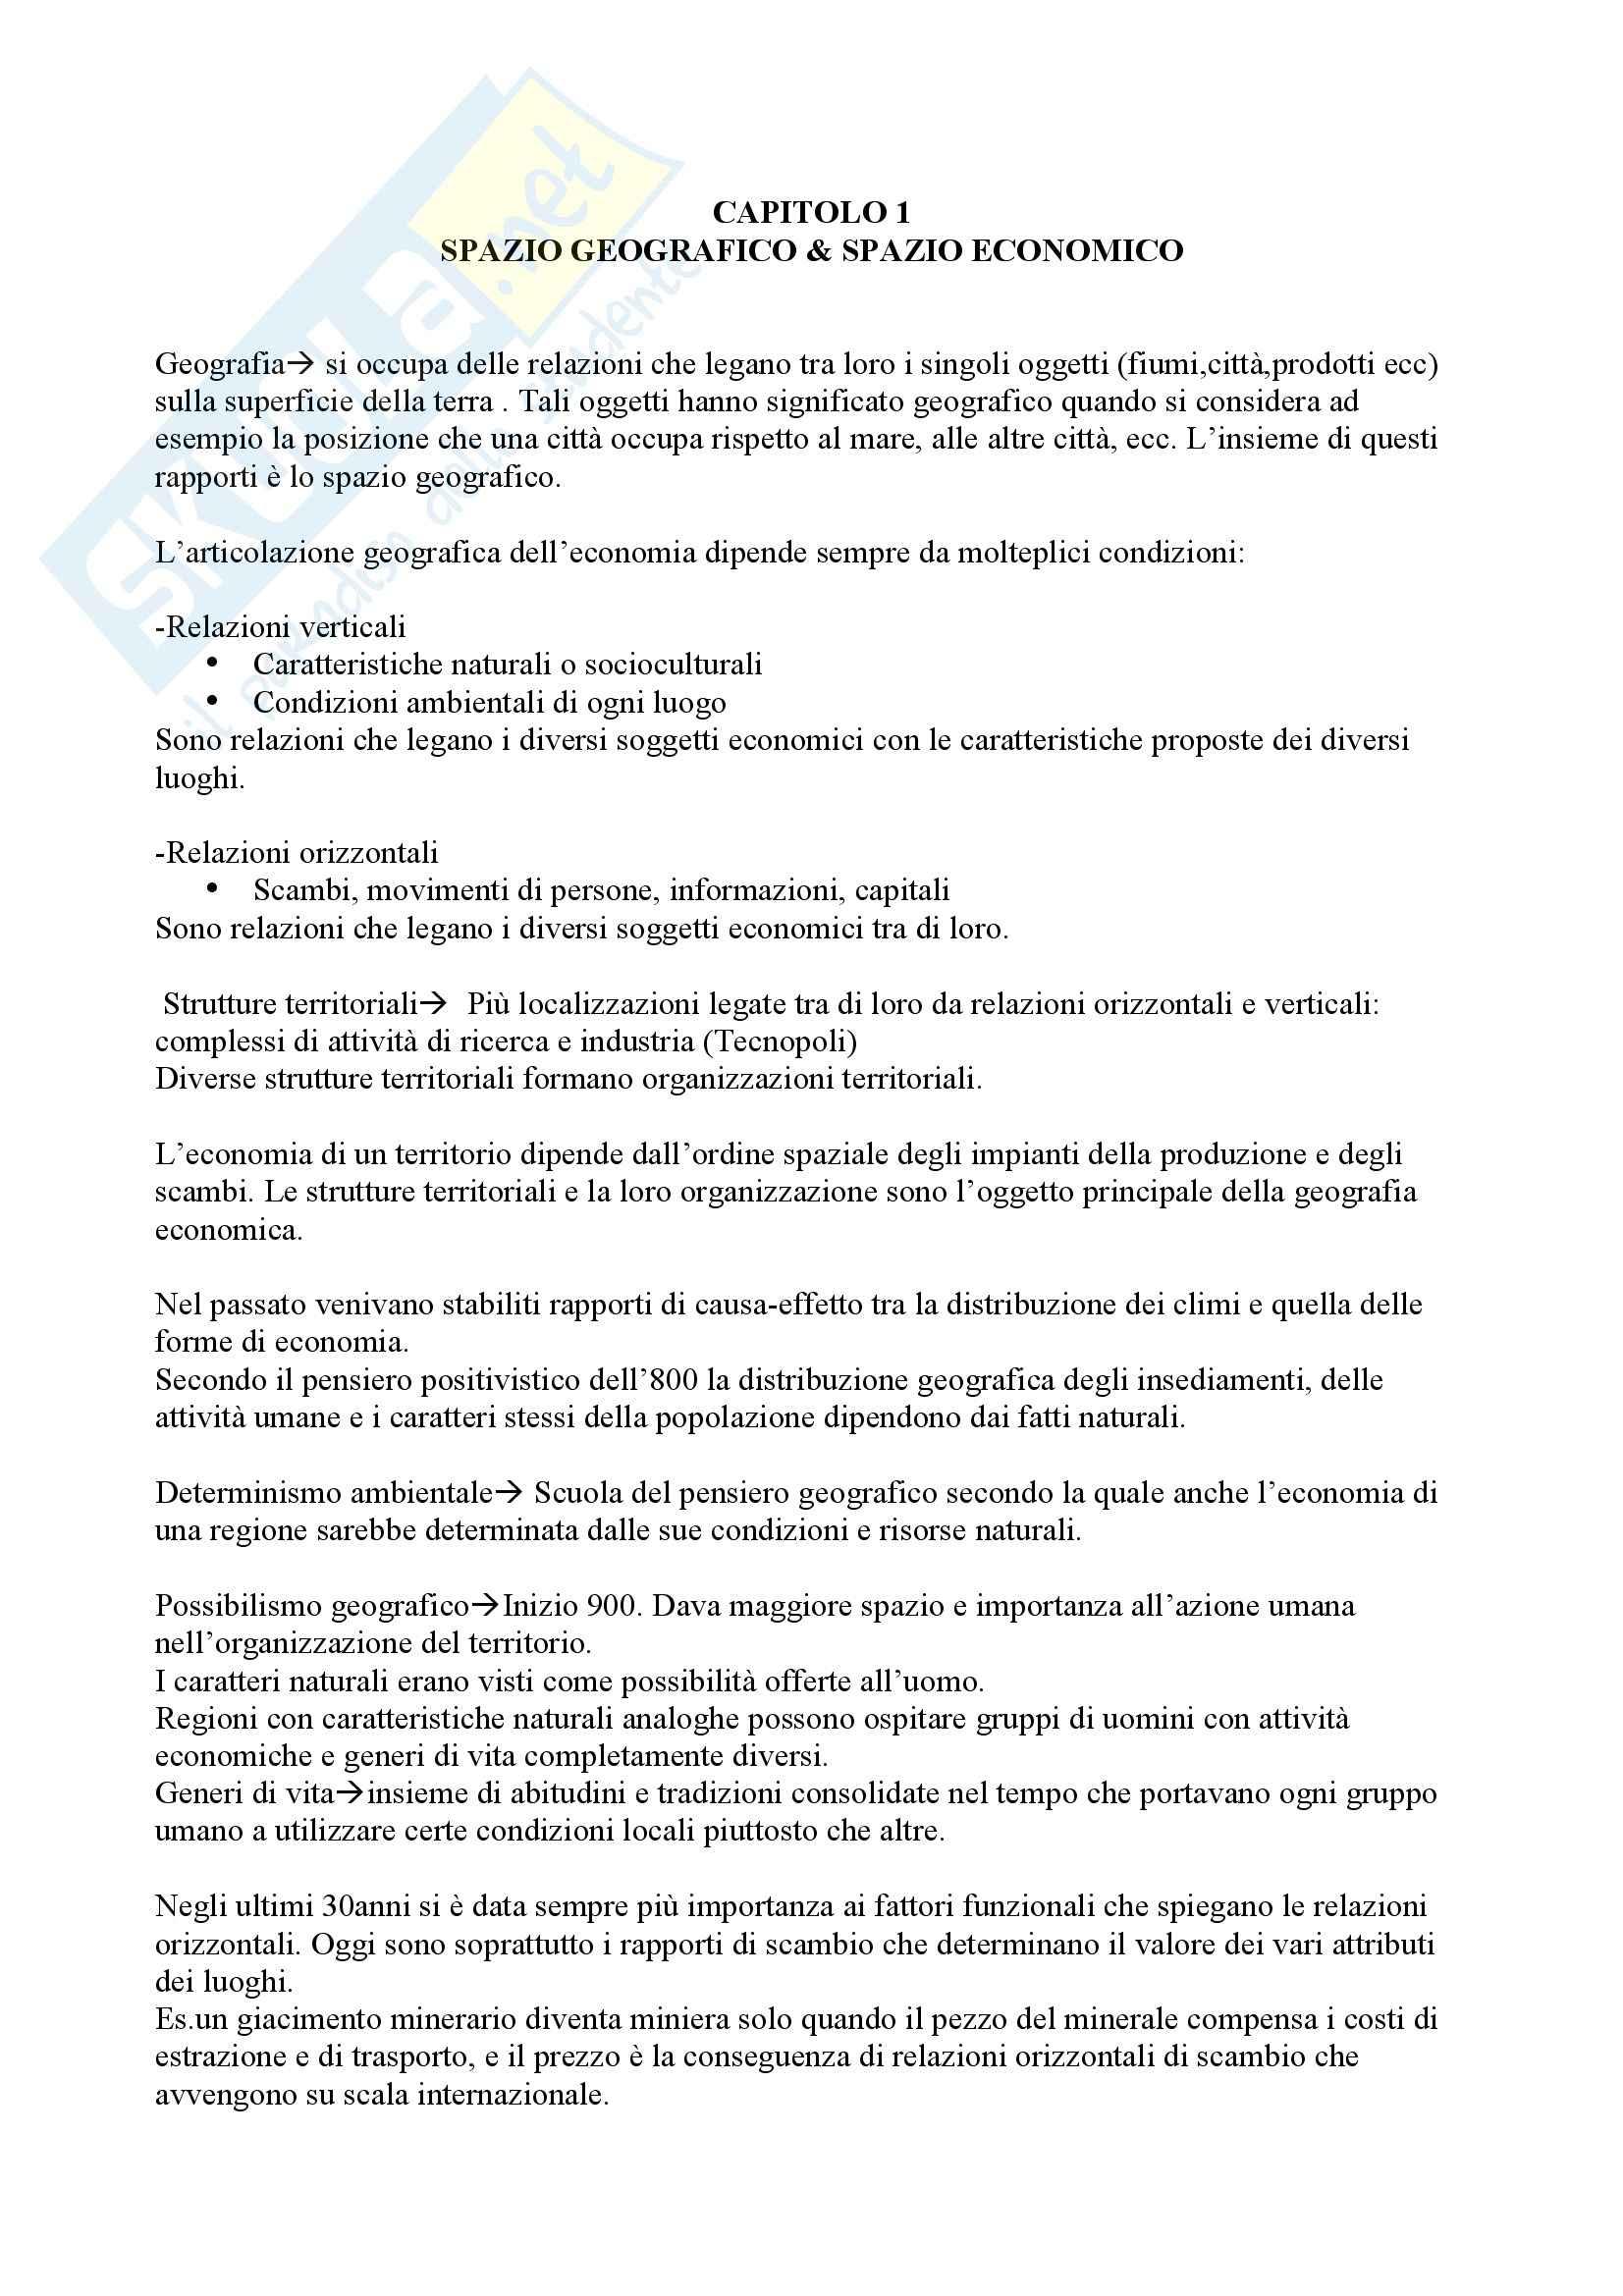 Geografia dell'economia mondiale e dell'unione europea, Conti e Bonavero - sunti, prof. Celata